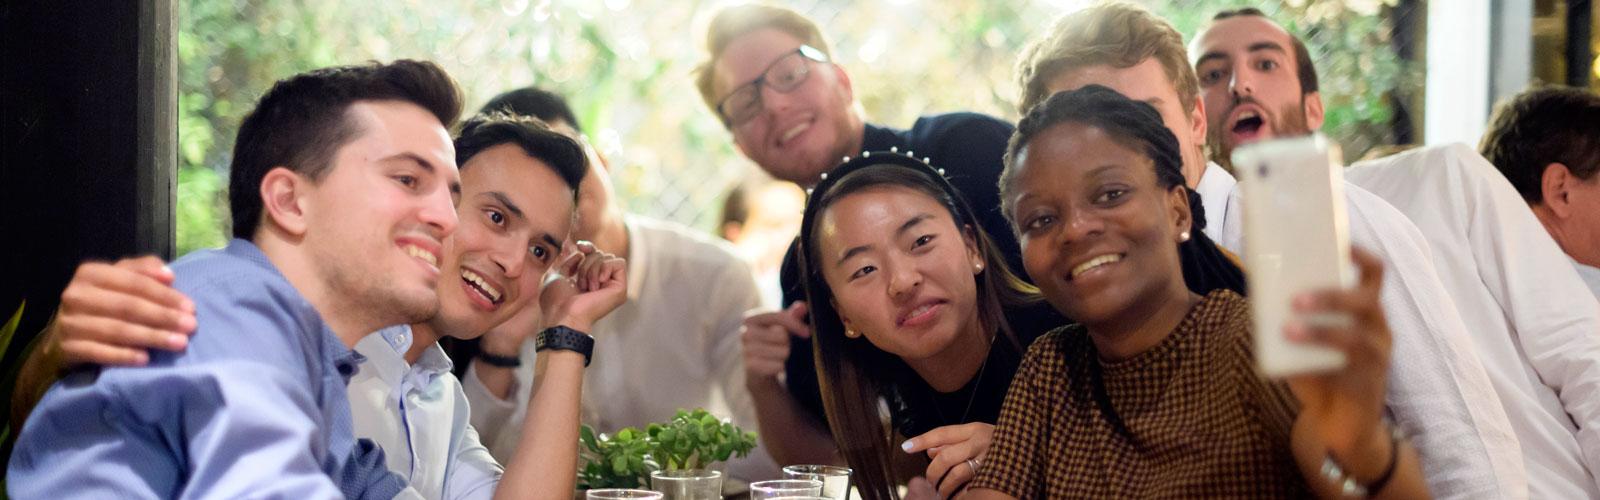 La diversidad en</br>IESE Business School